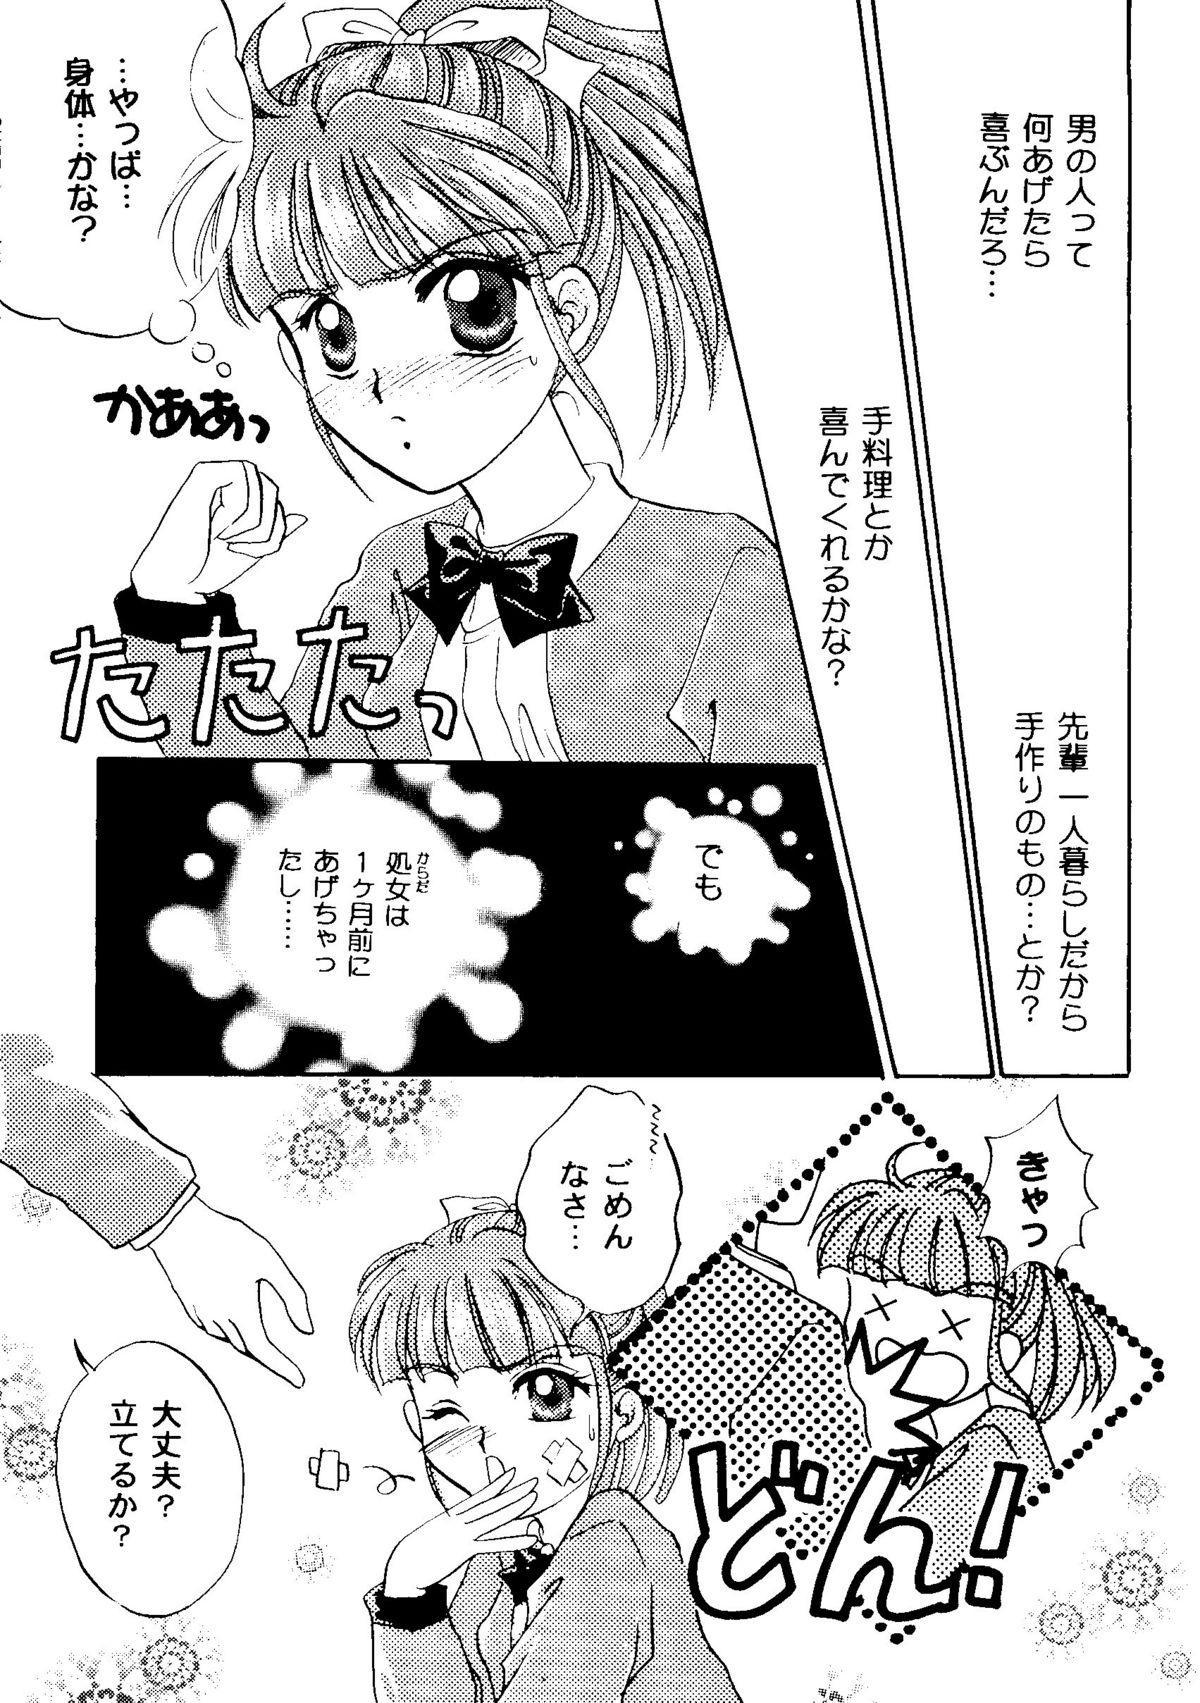 Bishoujo Doujinshi Anthology Cute 2 65